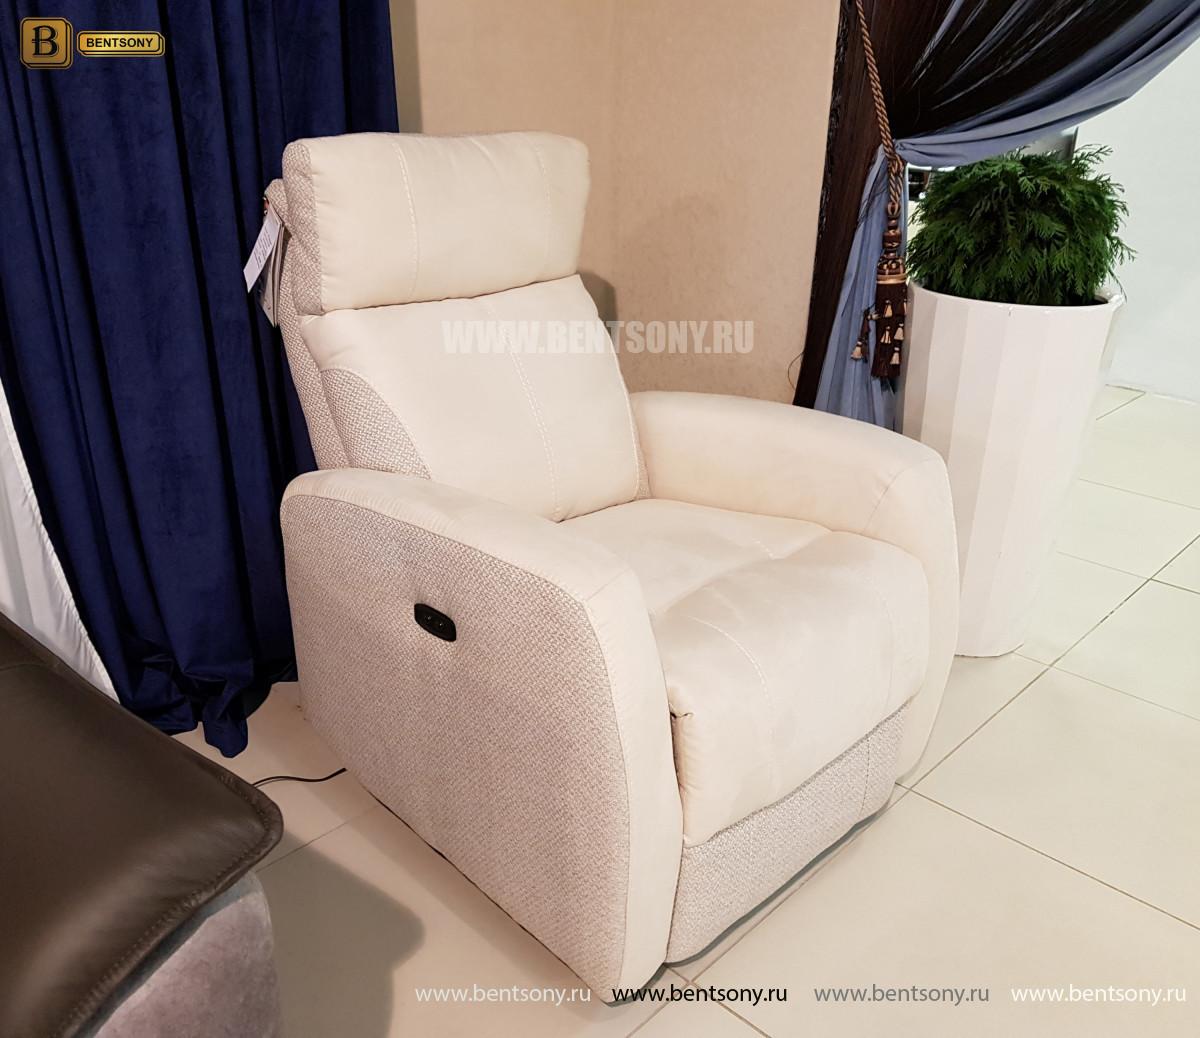 Кресло Эдвард с электрореклайнером в СПб